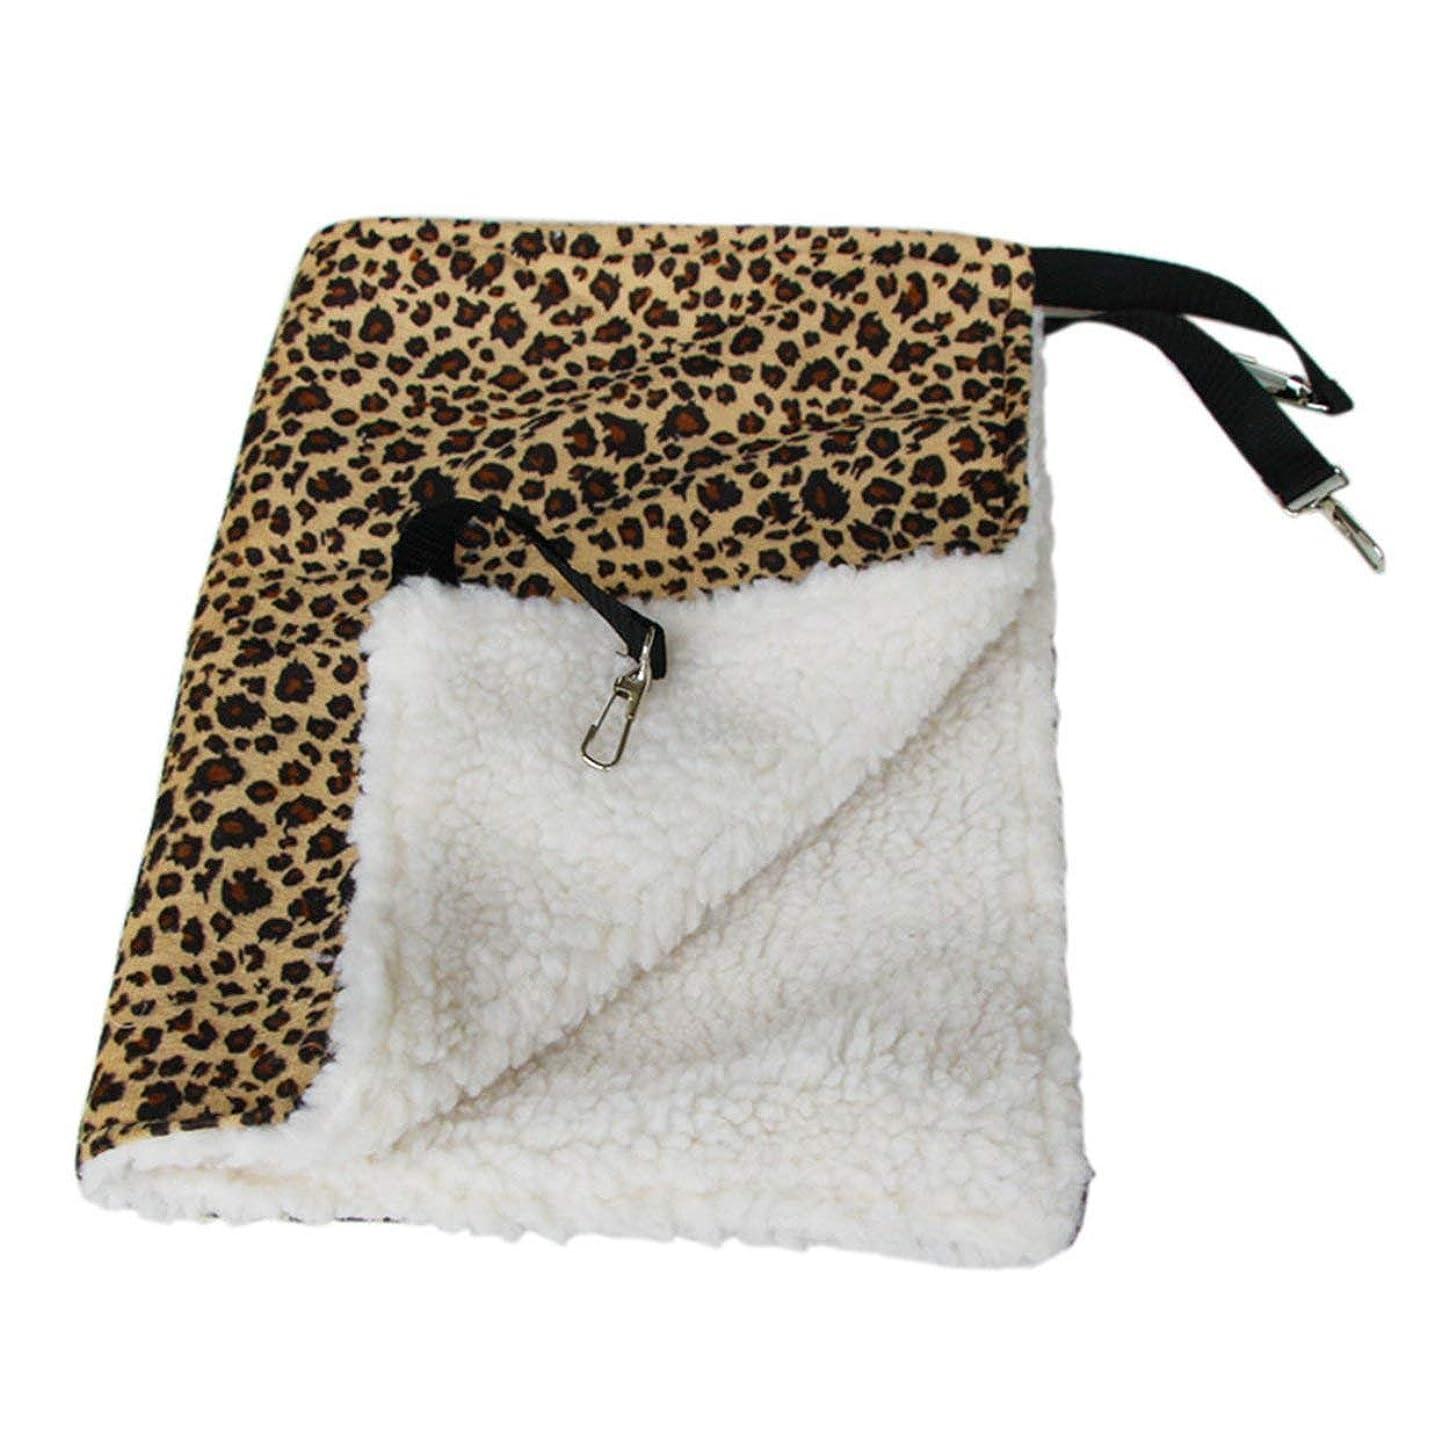 遮る略語レンダリングSaikogoods 暖かいハンギング猫ベッドマットソフトキャットハンモック冬ハンモックペット子猫ケージベッドカバークッションエアベッドペット 黄 L